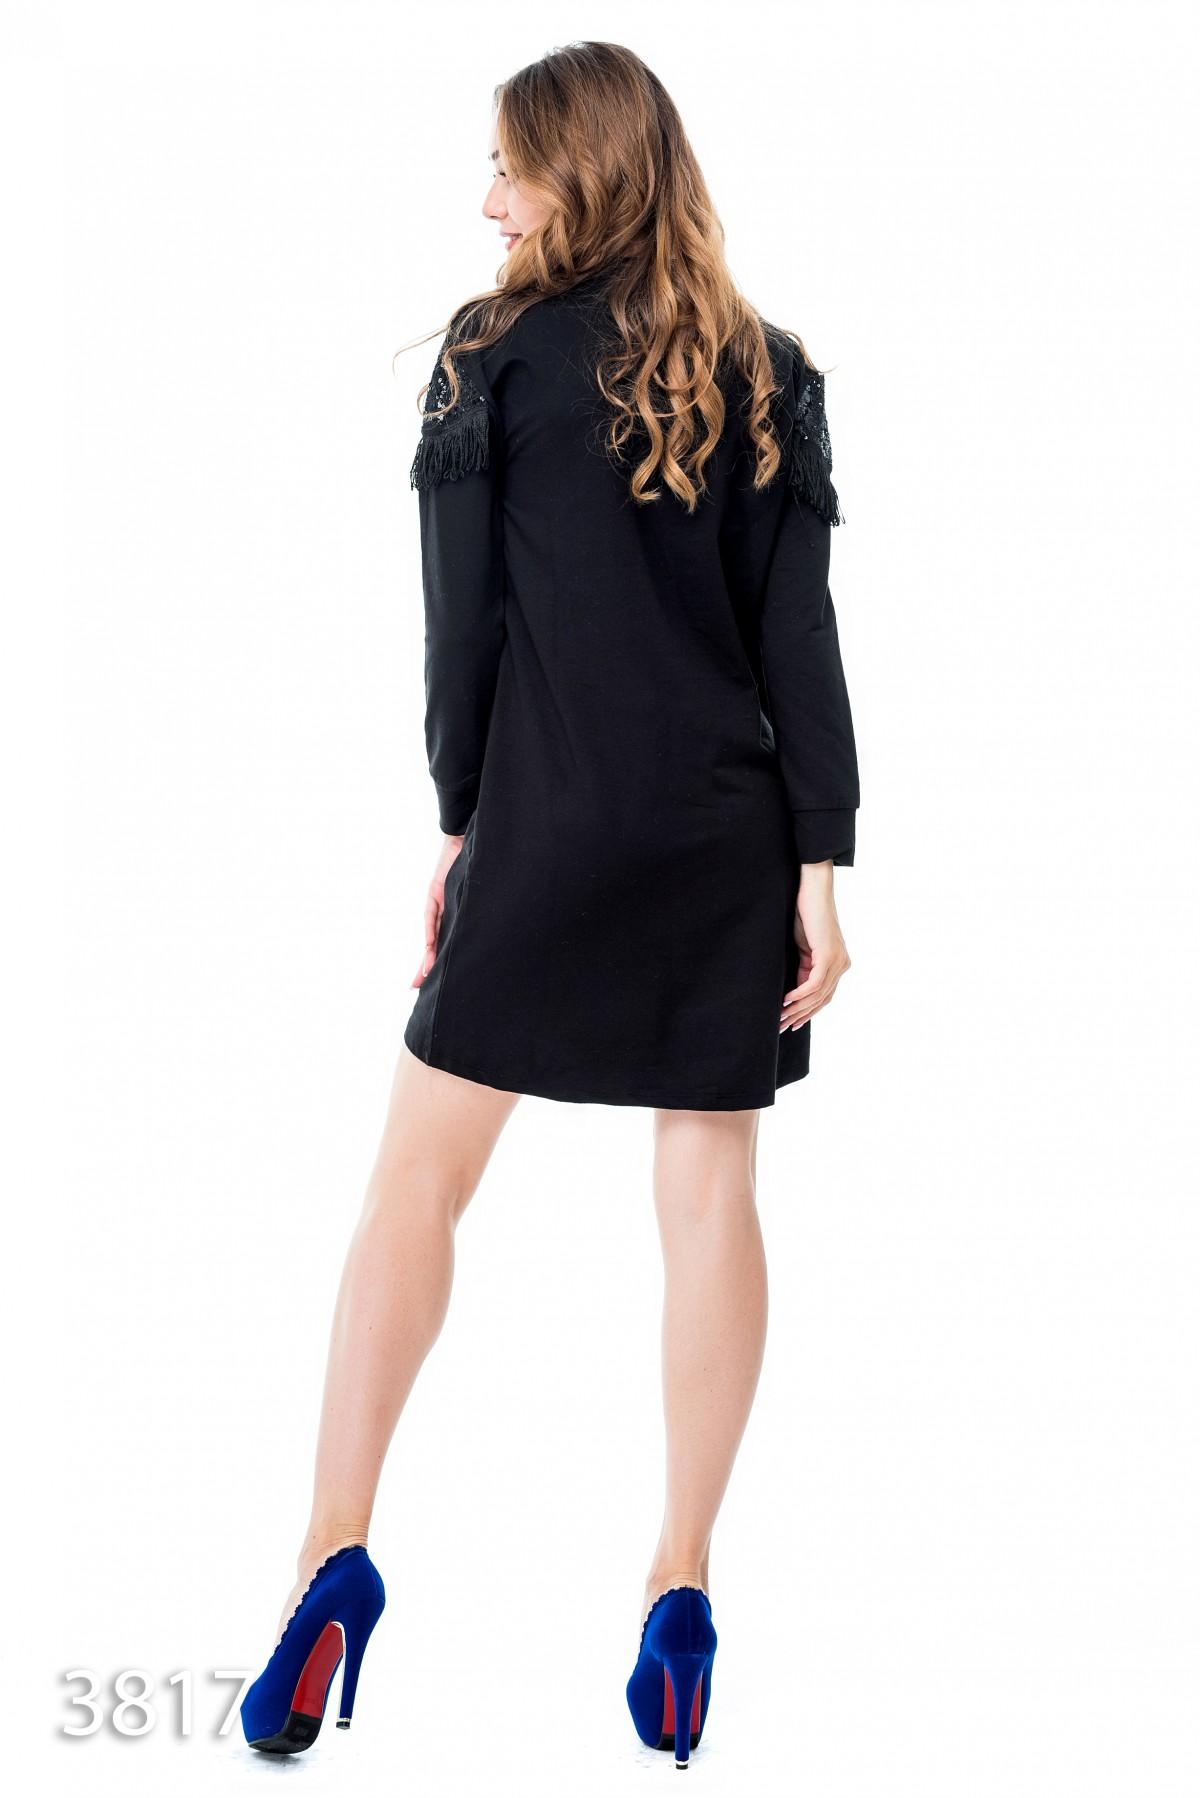 04c6997a545 ... Черное платье выше колен с верхом в пайетках и бахромой  516 грн. фото 4